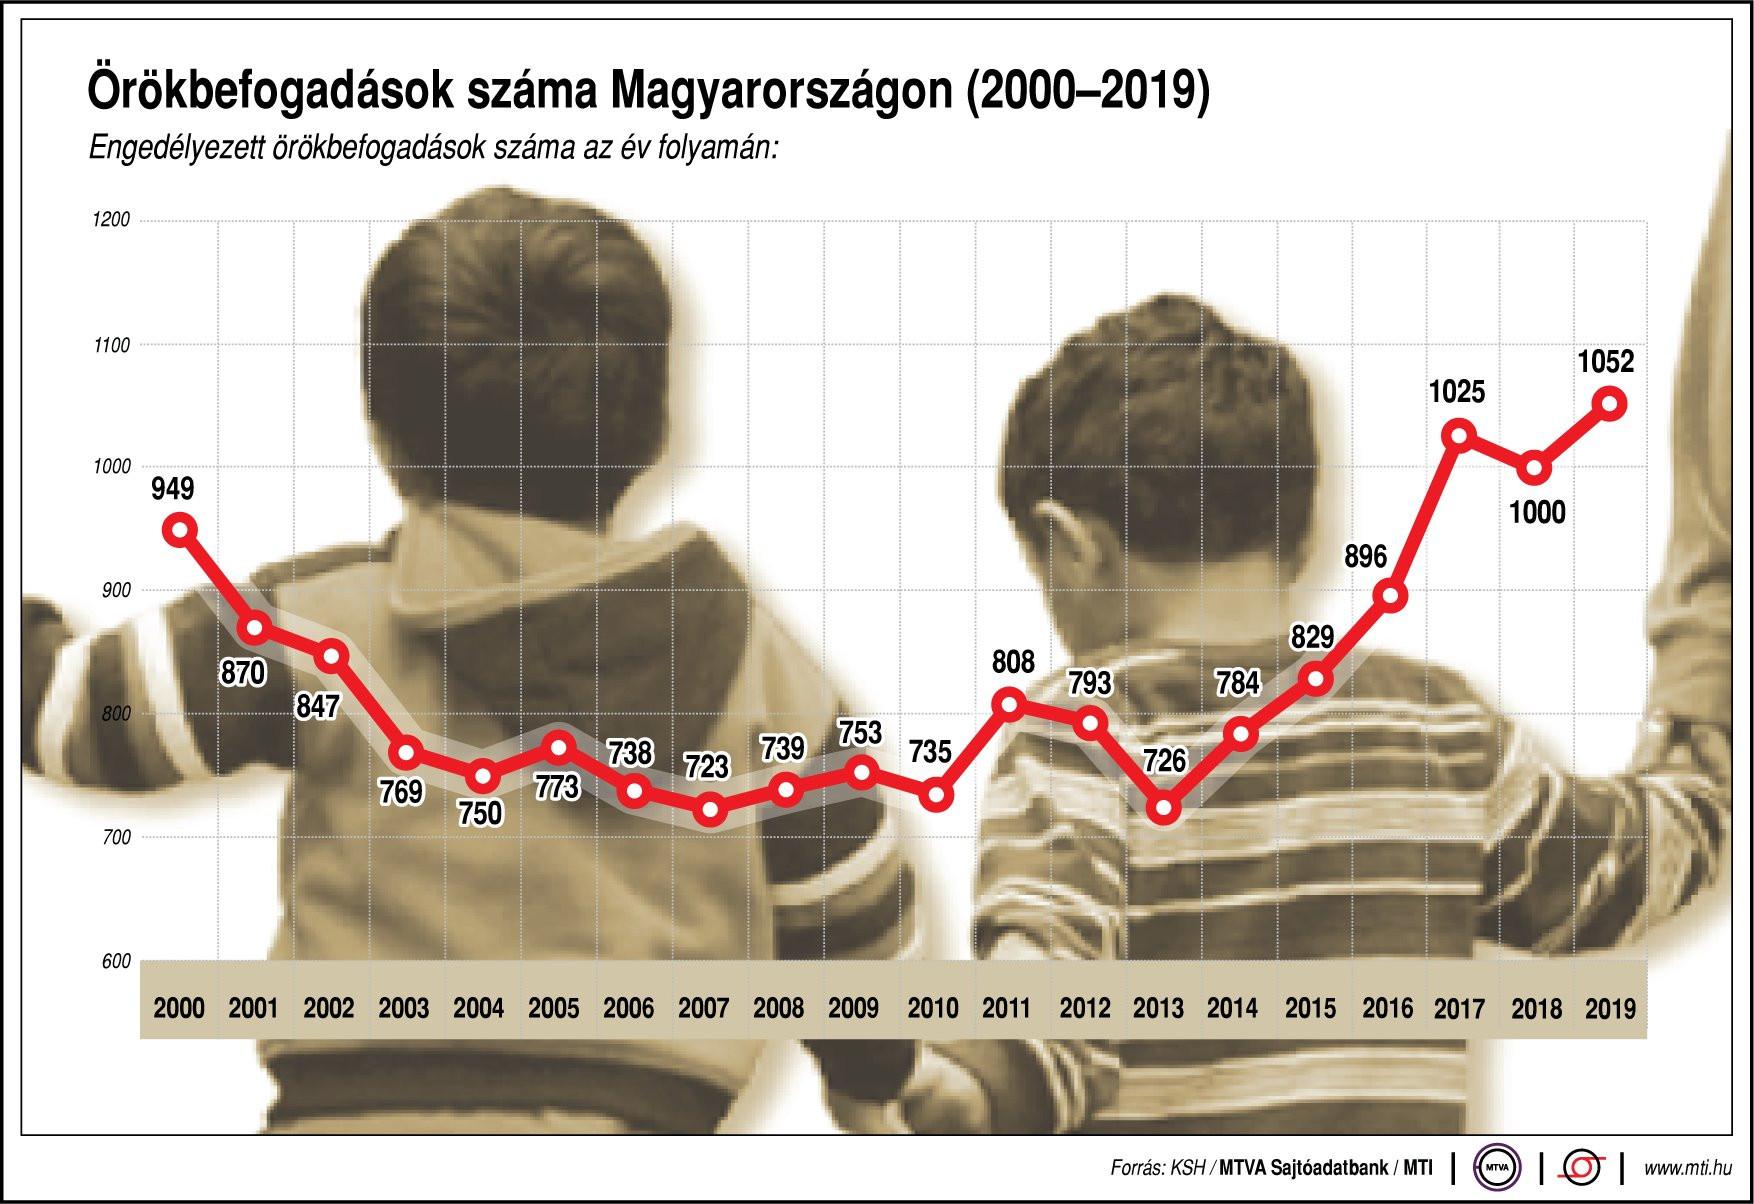 Engedélyezett örökbefogadások száma az év folyamán